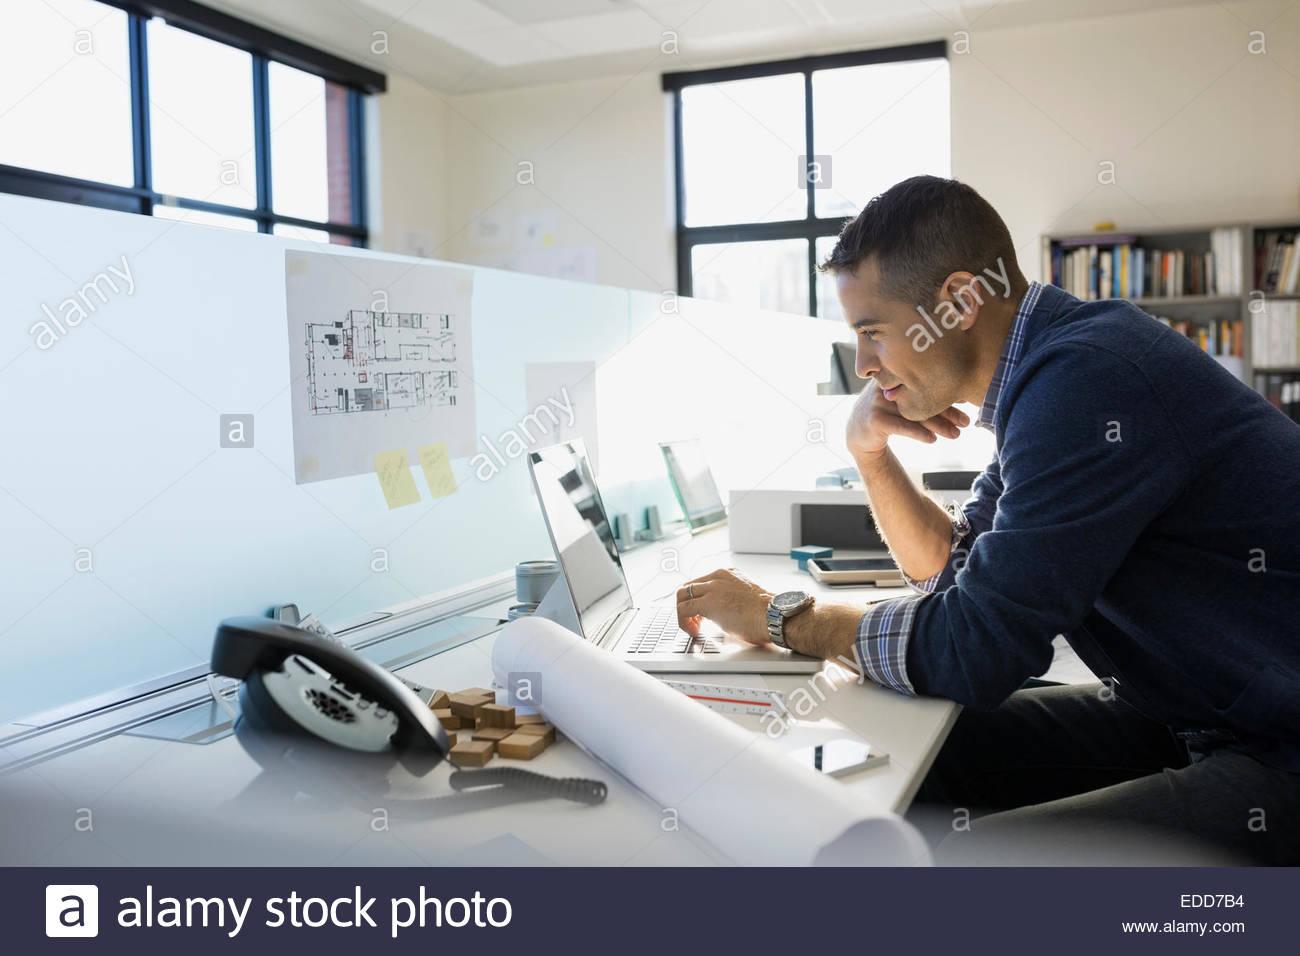 Arquitecto trabajando en el portátil en la oficina Imagen De Stock